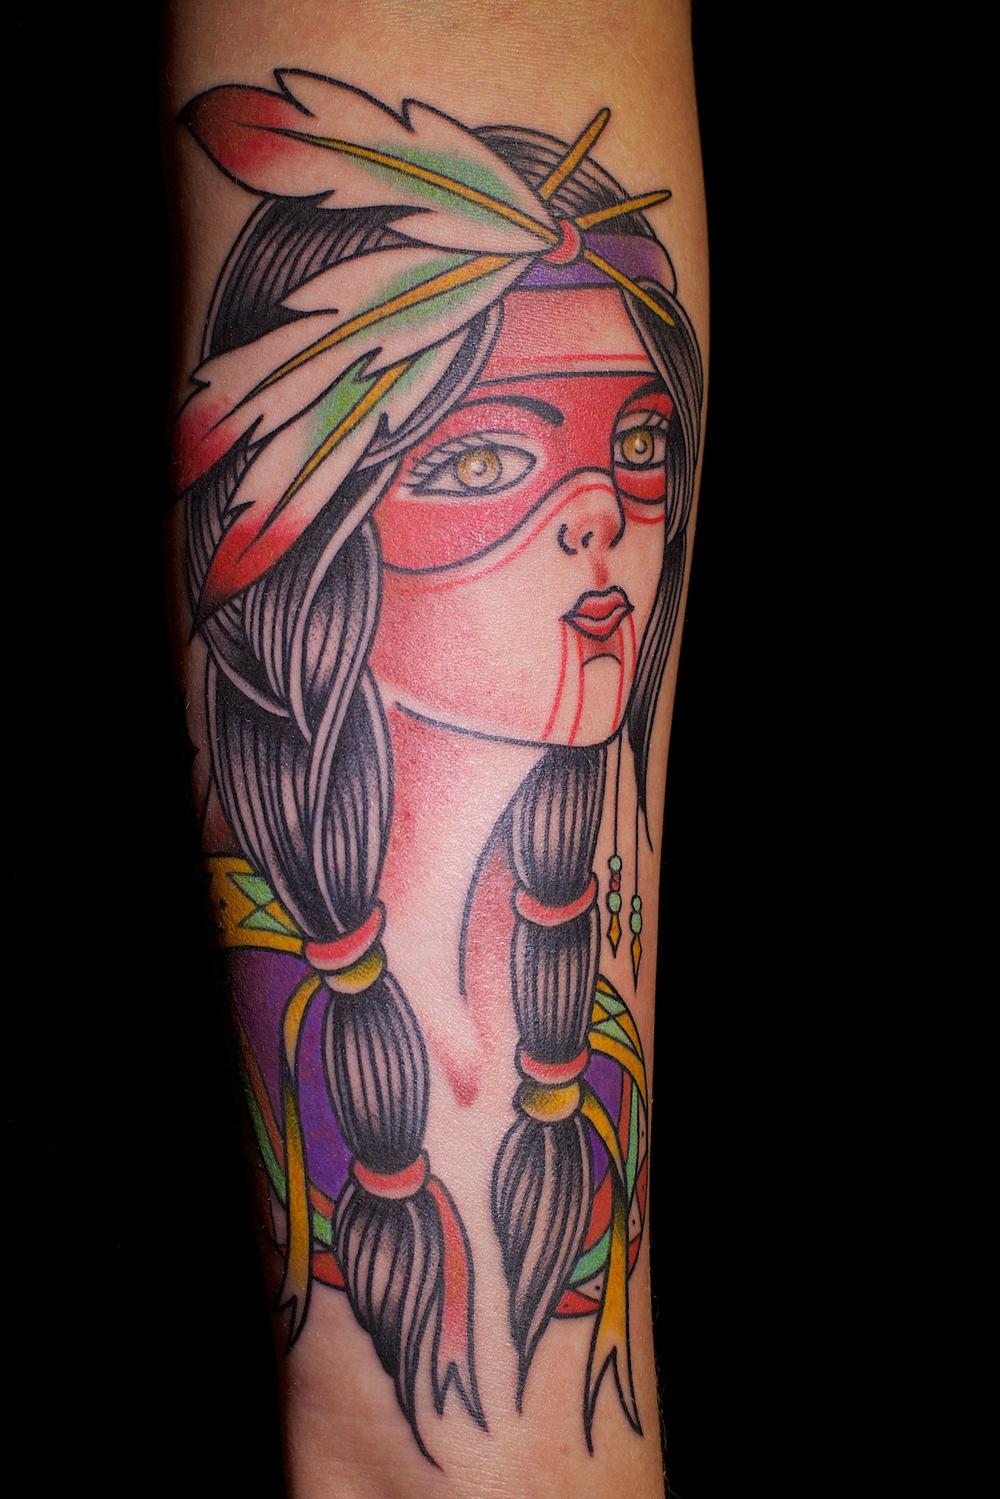 01032013 tattoo 06 8.jpg